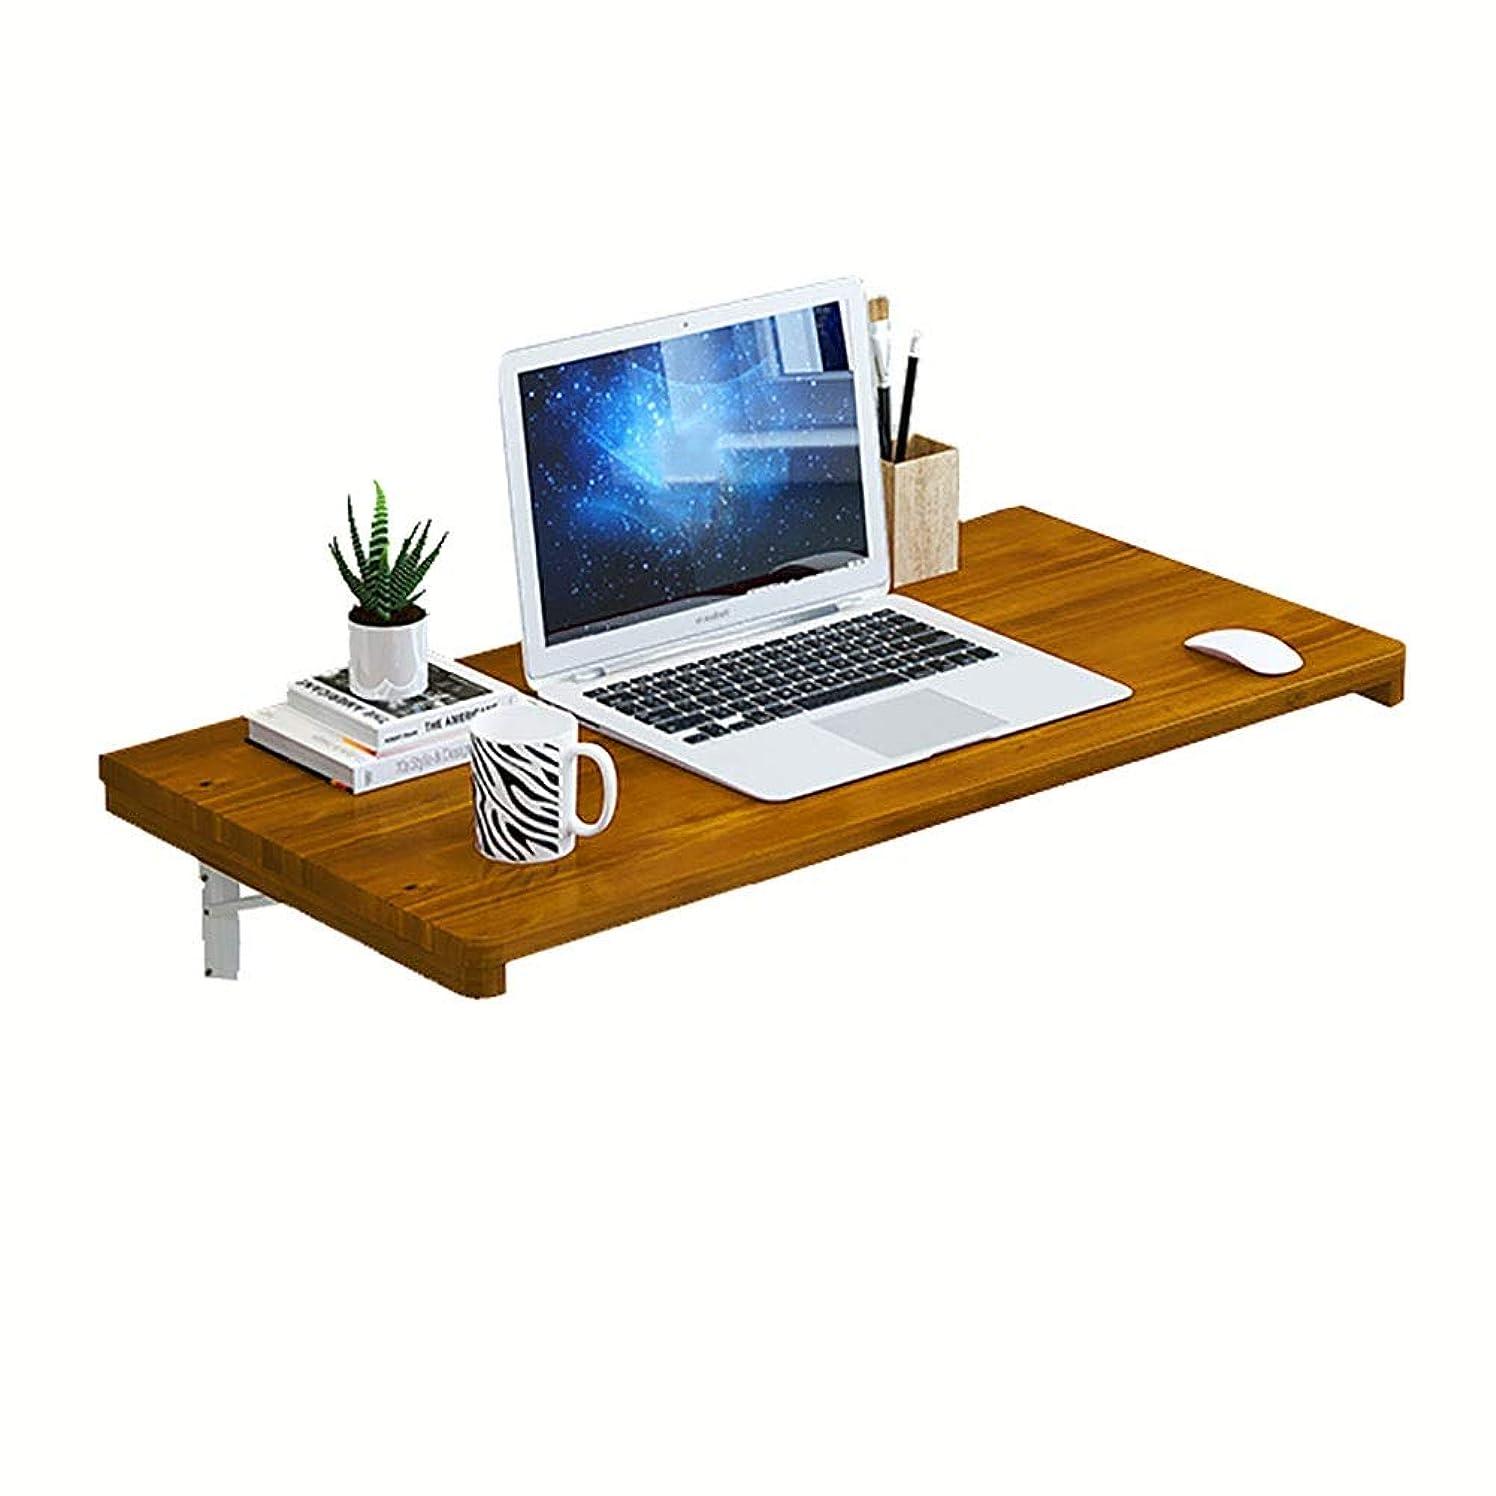 フェンス溶けたママ折りたたみ式ドロップリーフデスク、ワークステーション用の壁掛け式テーブルスペース、ダイニングテーブル、コンピュータデスク (サイズ さいず : 100x30cm)